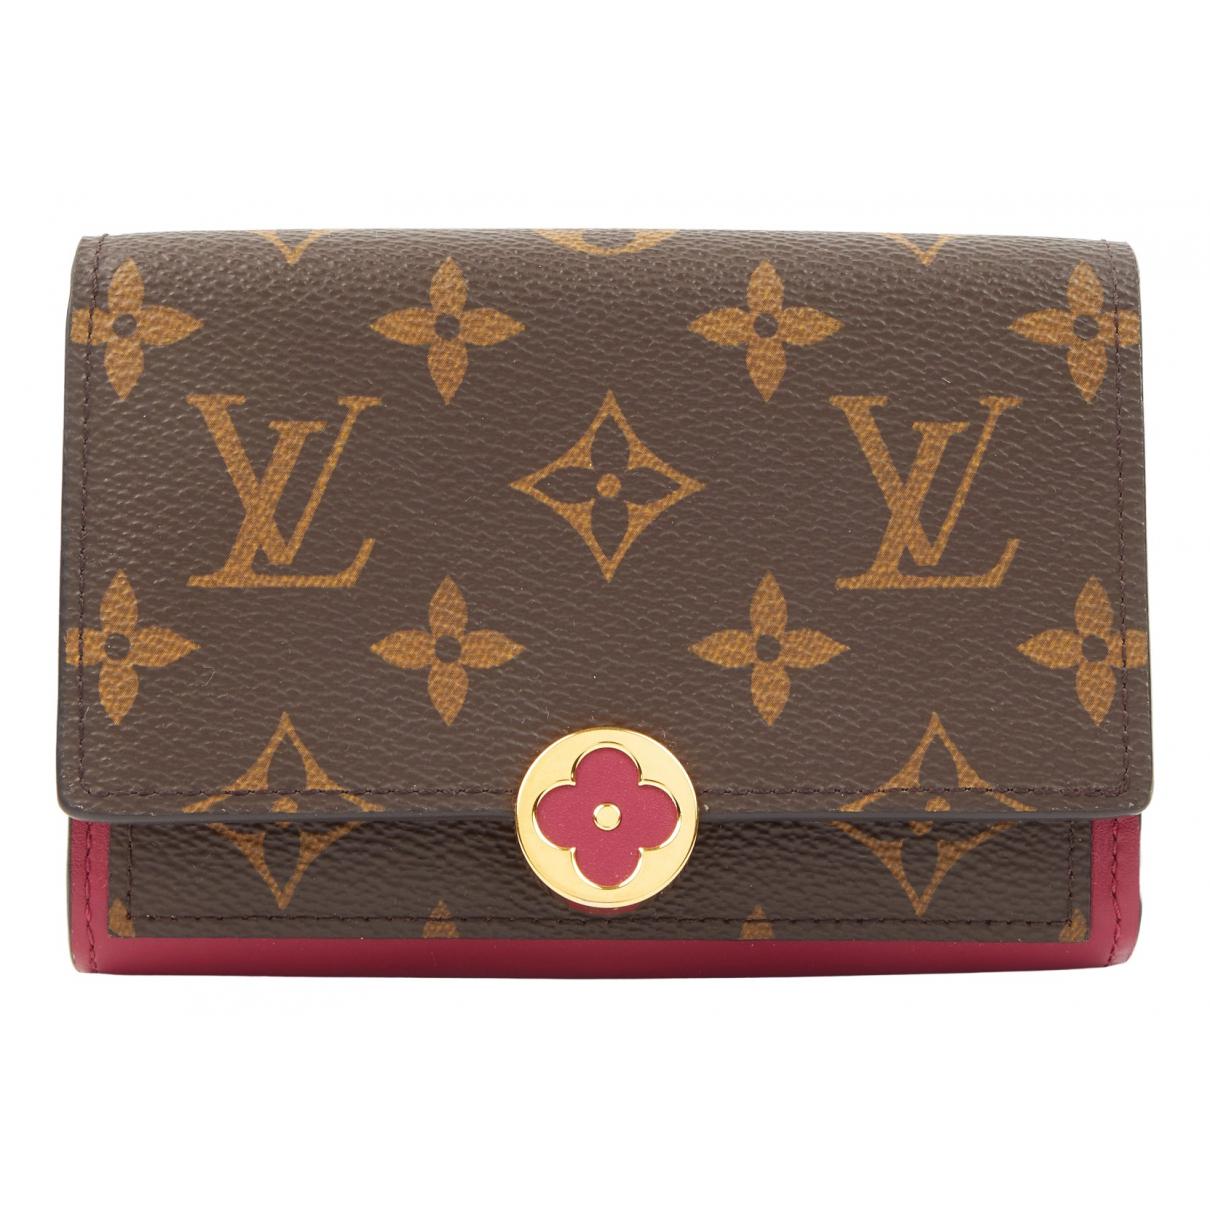 Louis Vuitton - Petite maroquinerie Flore pour femme en toile - marron